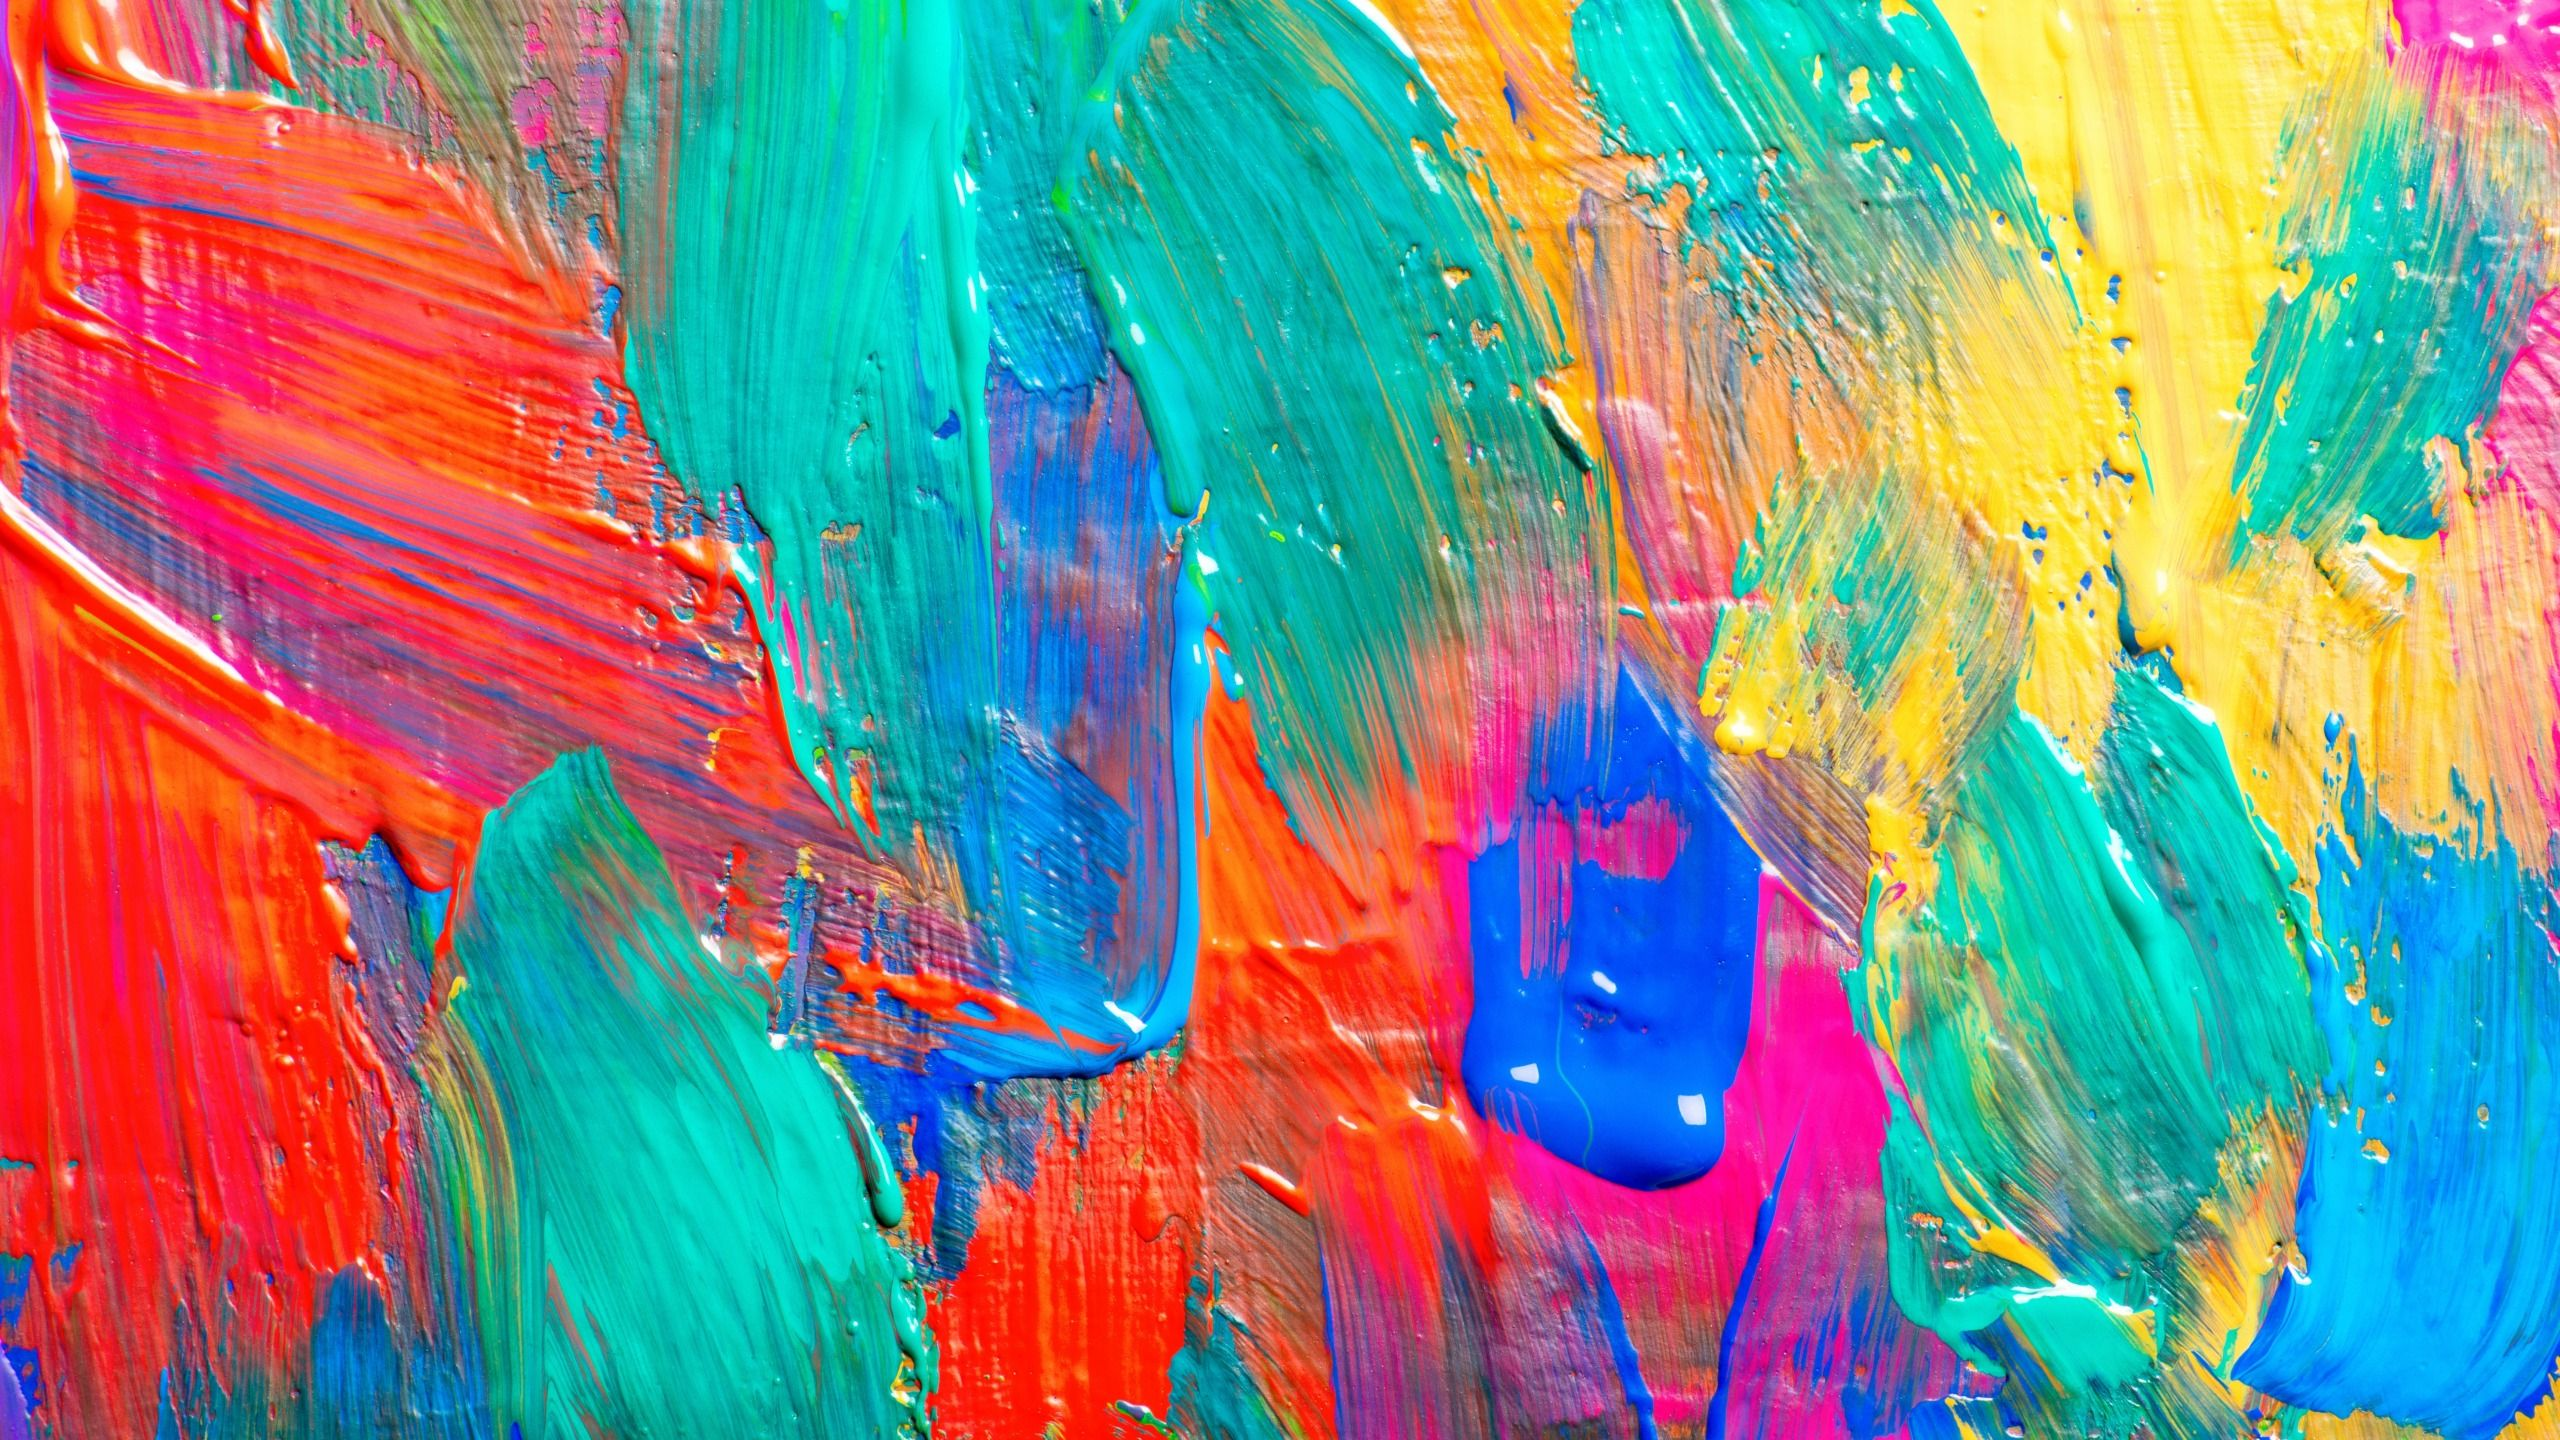 Download Wallpaper Paint Acrylic Colors Texture Paint